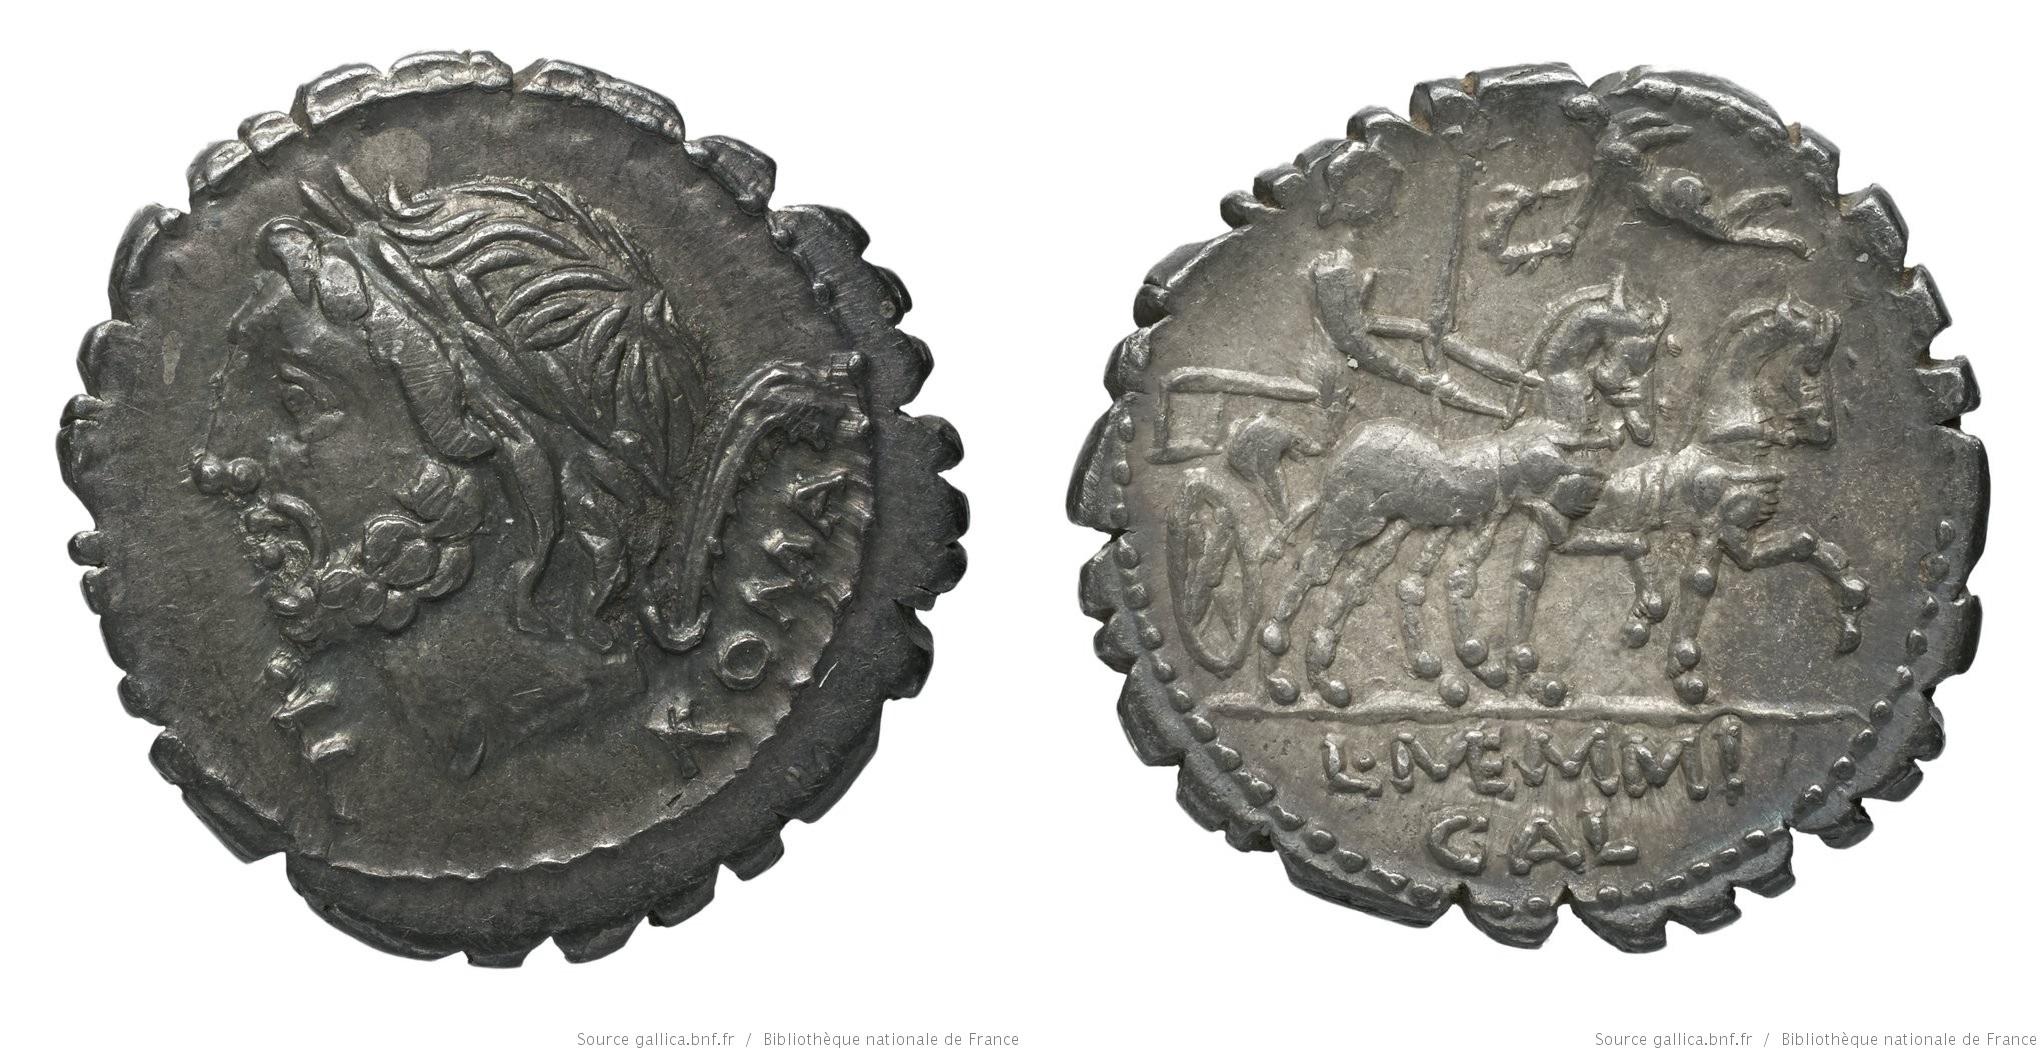 1137ME – Denier Serratus Memmia – Lucius Memmius Galerius